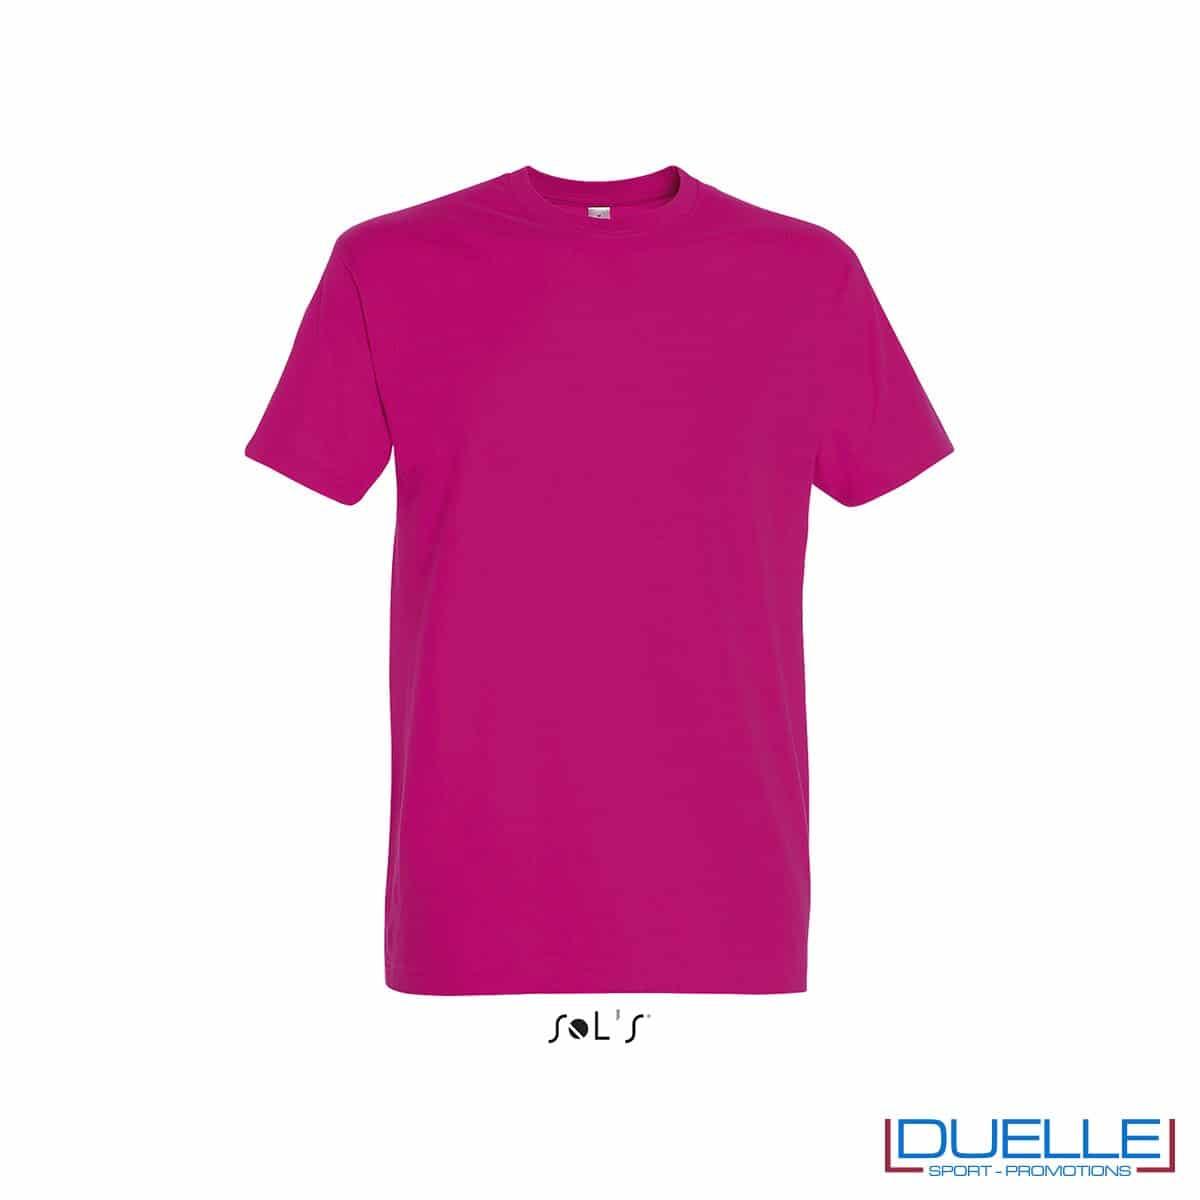 Tshirt promozionale in cotone pesante colore fucsia personalizzata con stampa o ricamo